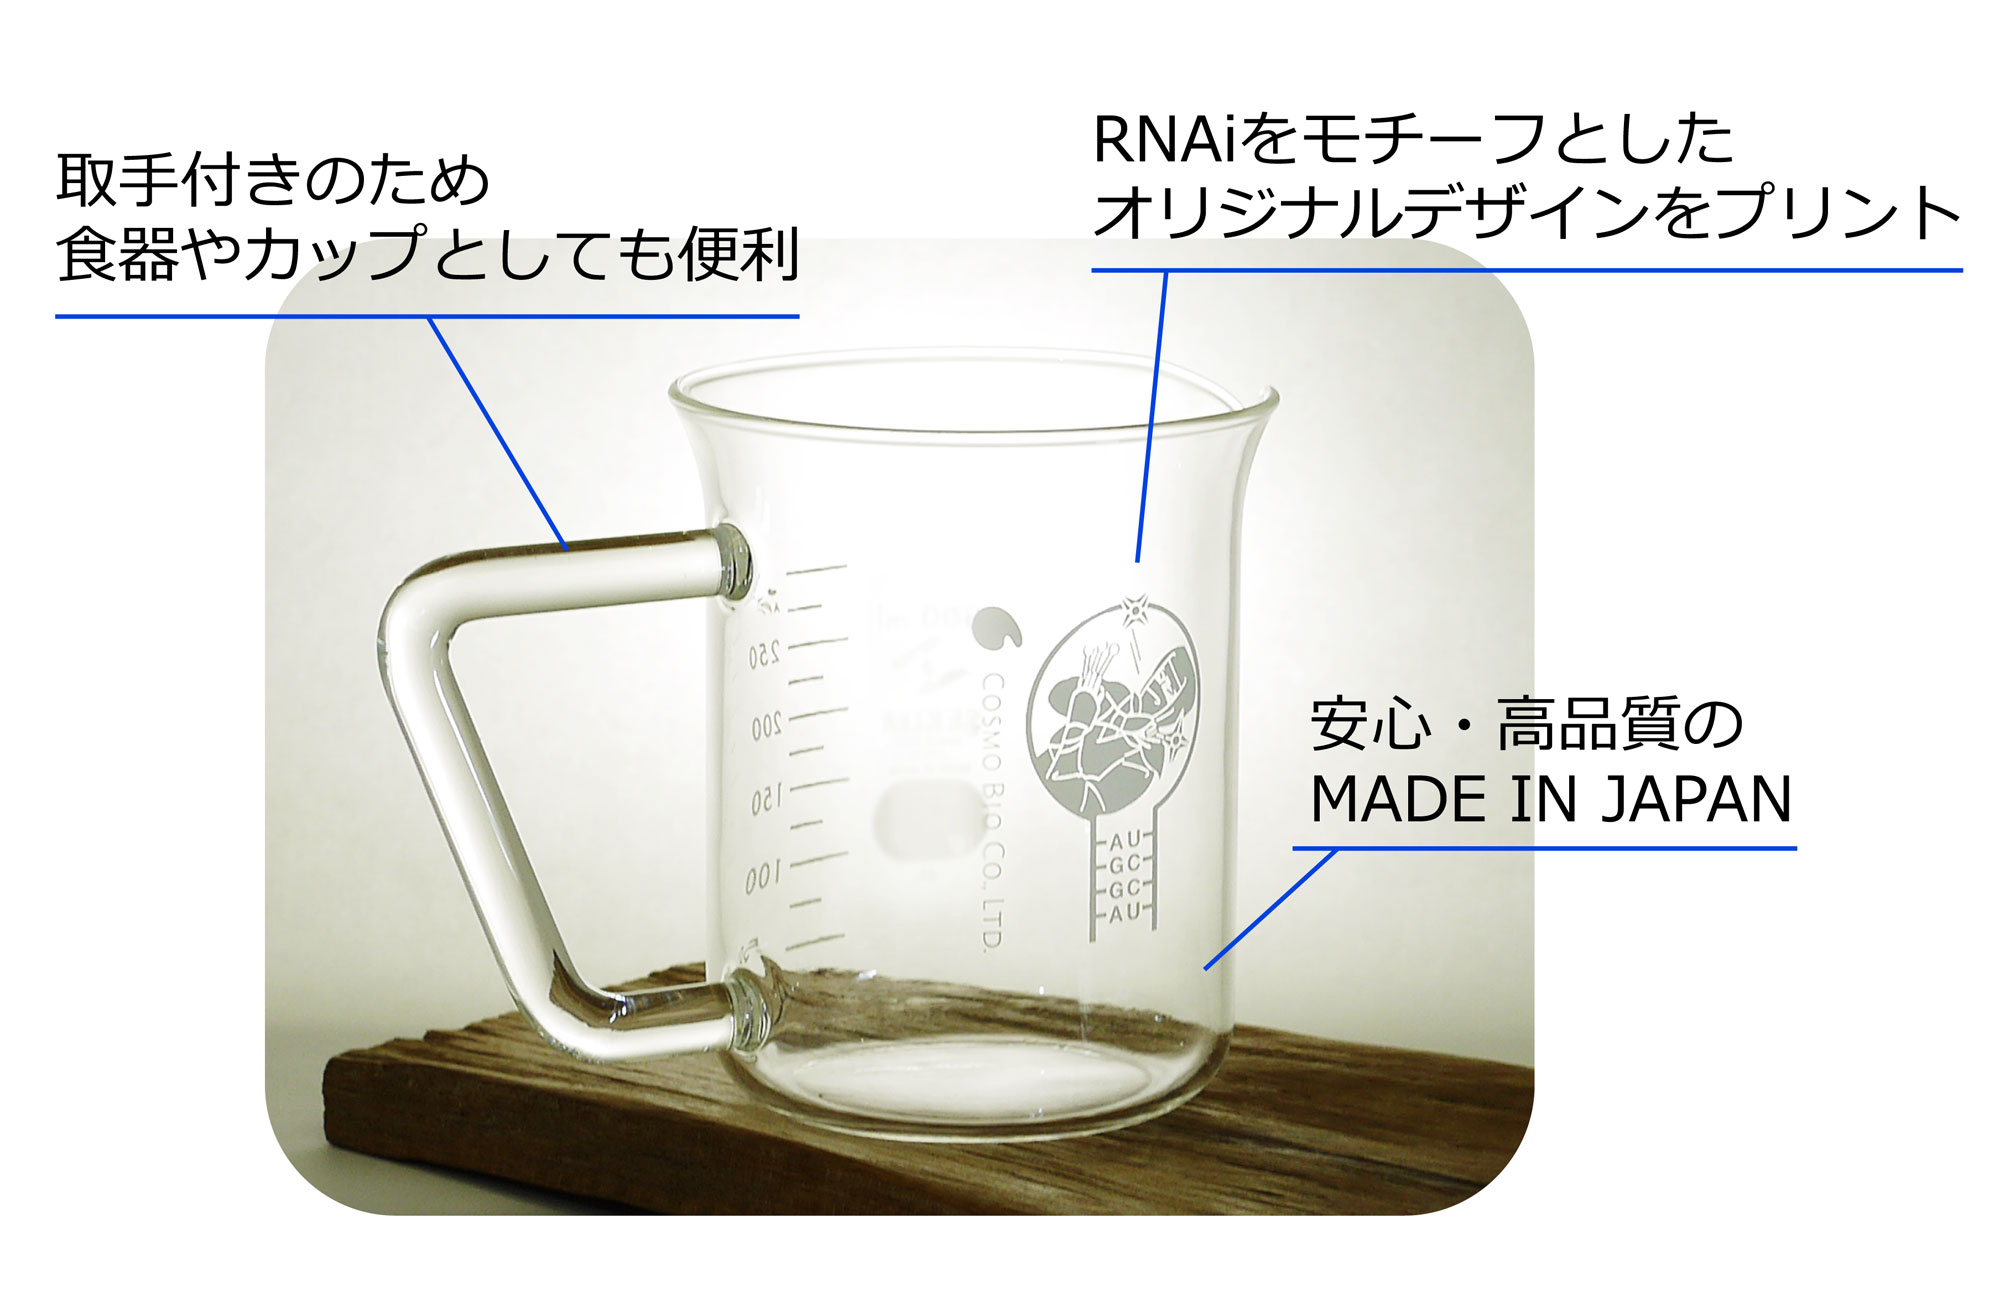 コスモ・バイオ賞ビーカー